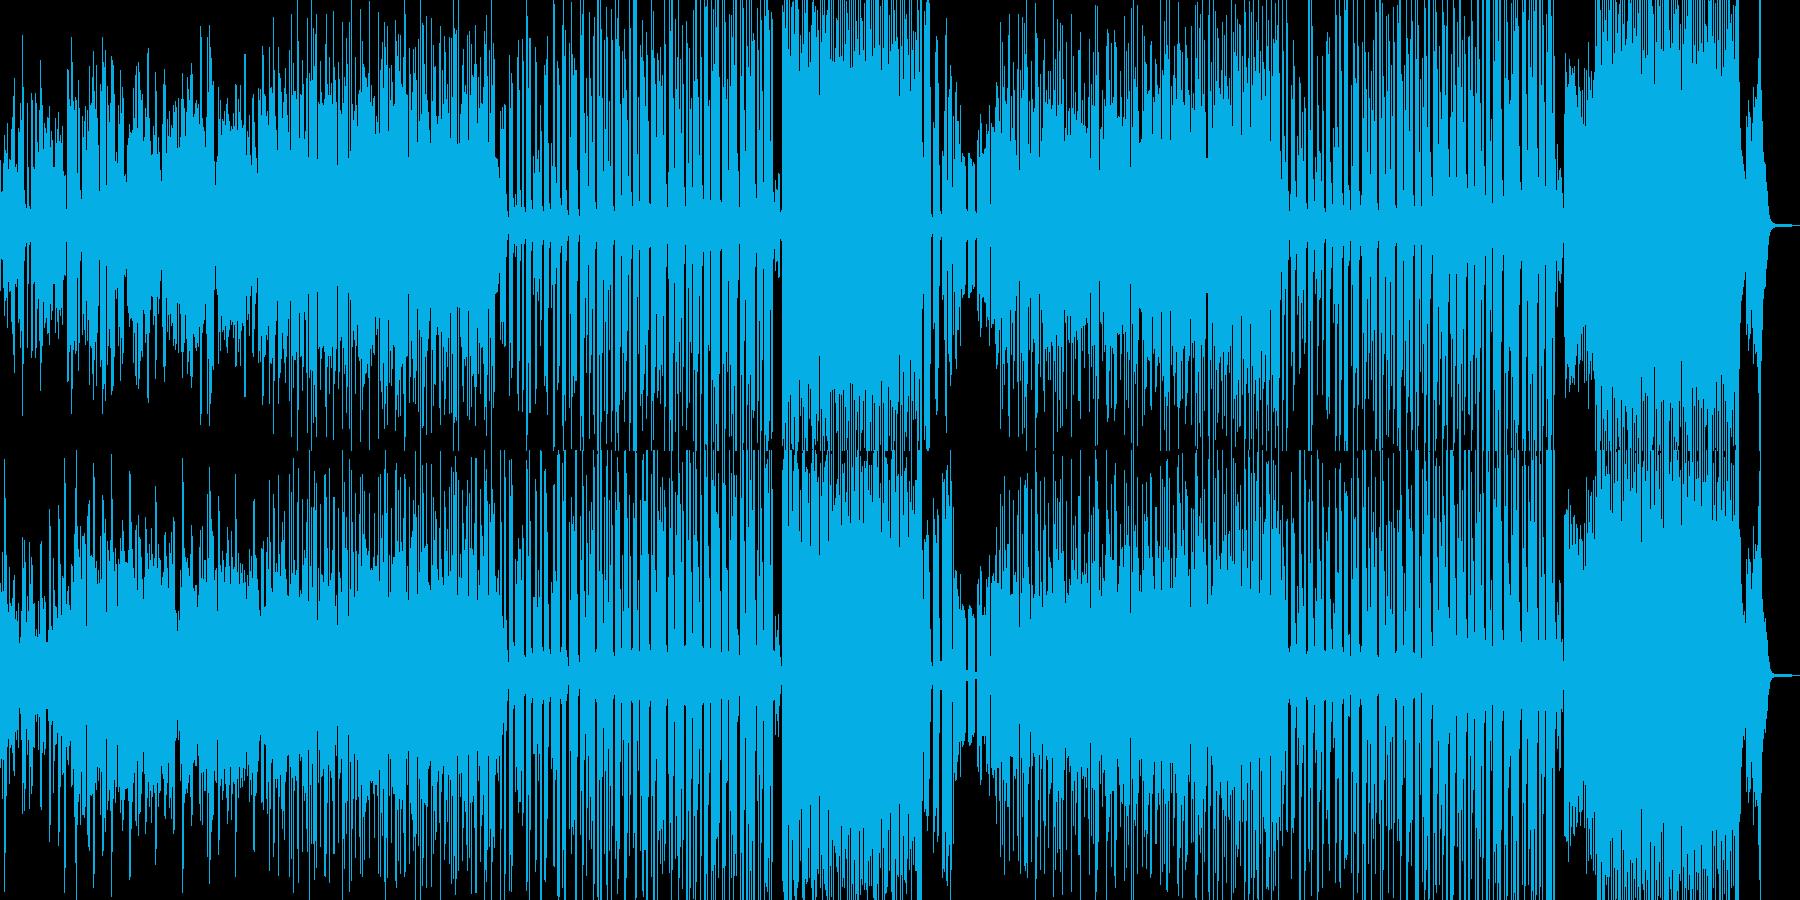 マヌケなオルガンのシンセポップの再生済みの波形